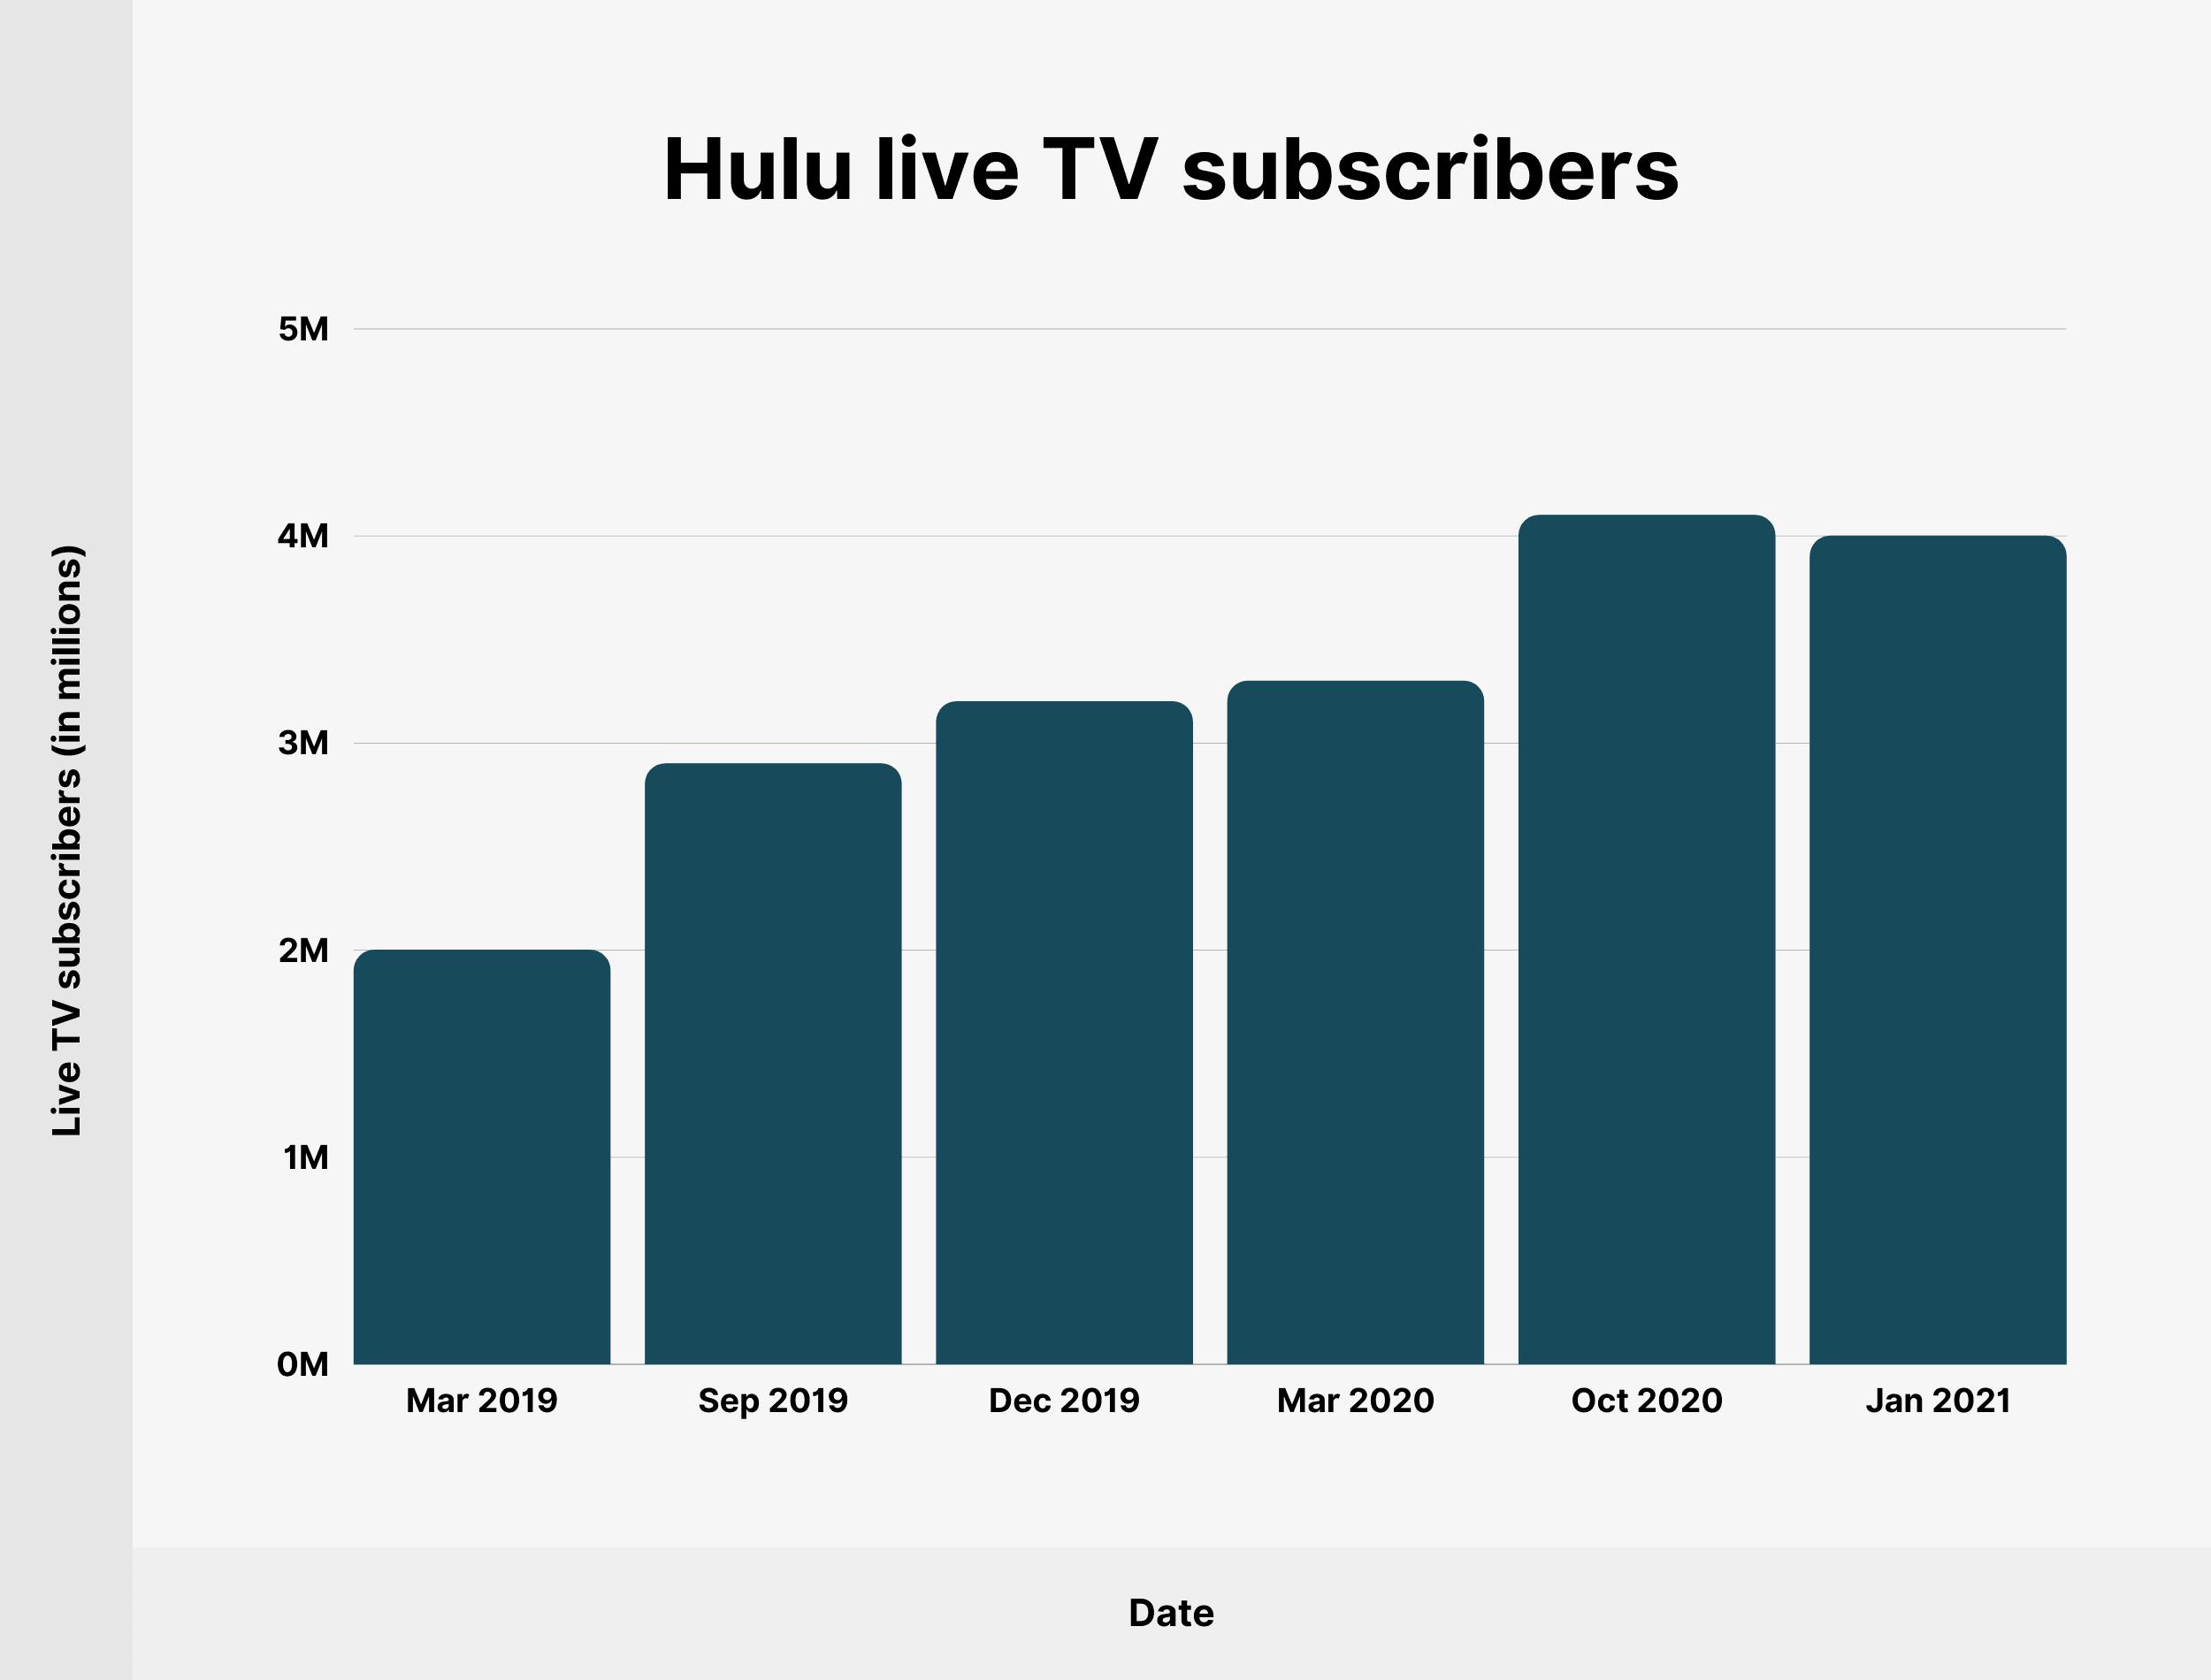 Hulu live TV subscribers